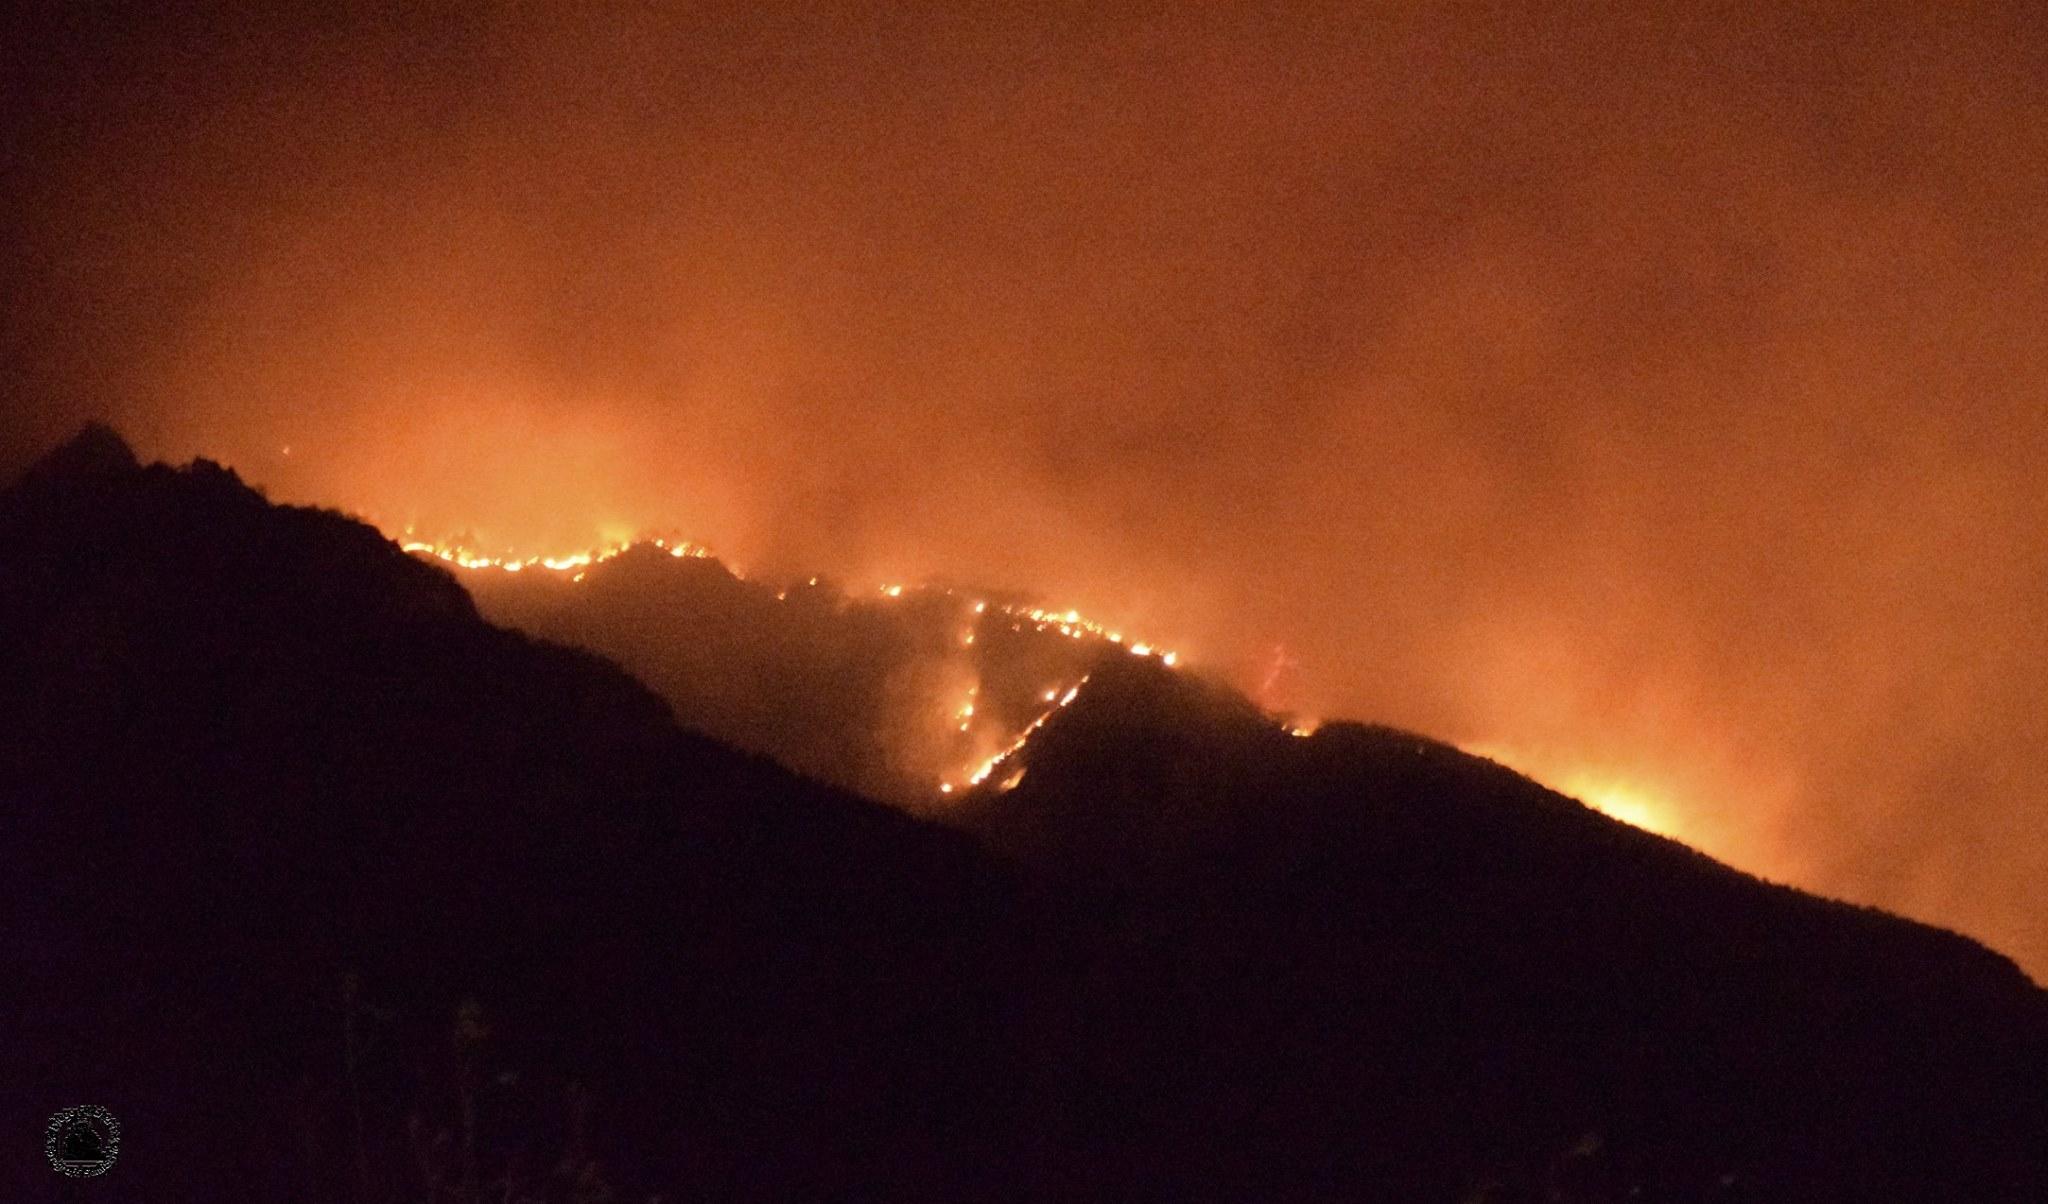 Abbiamo mappato gli incendi che stanno devastando il Piemonte